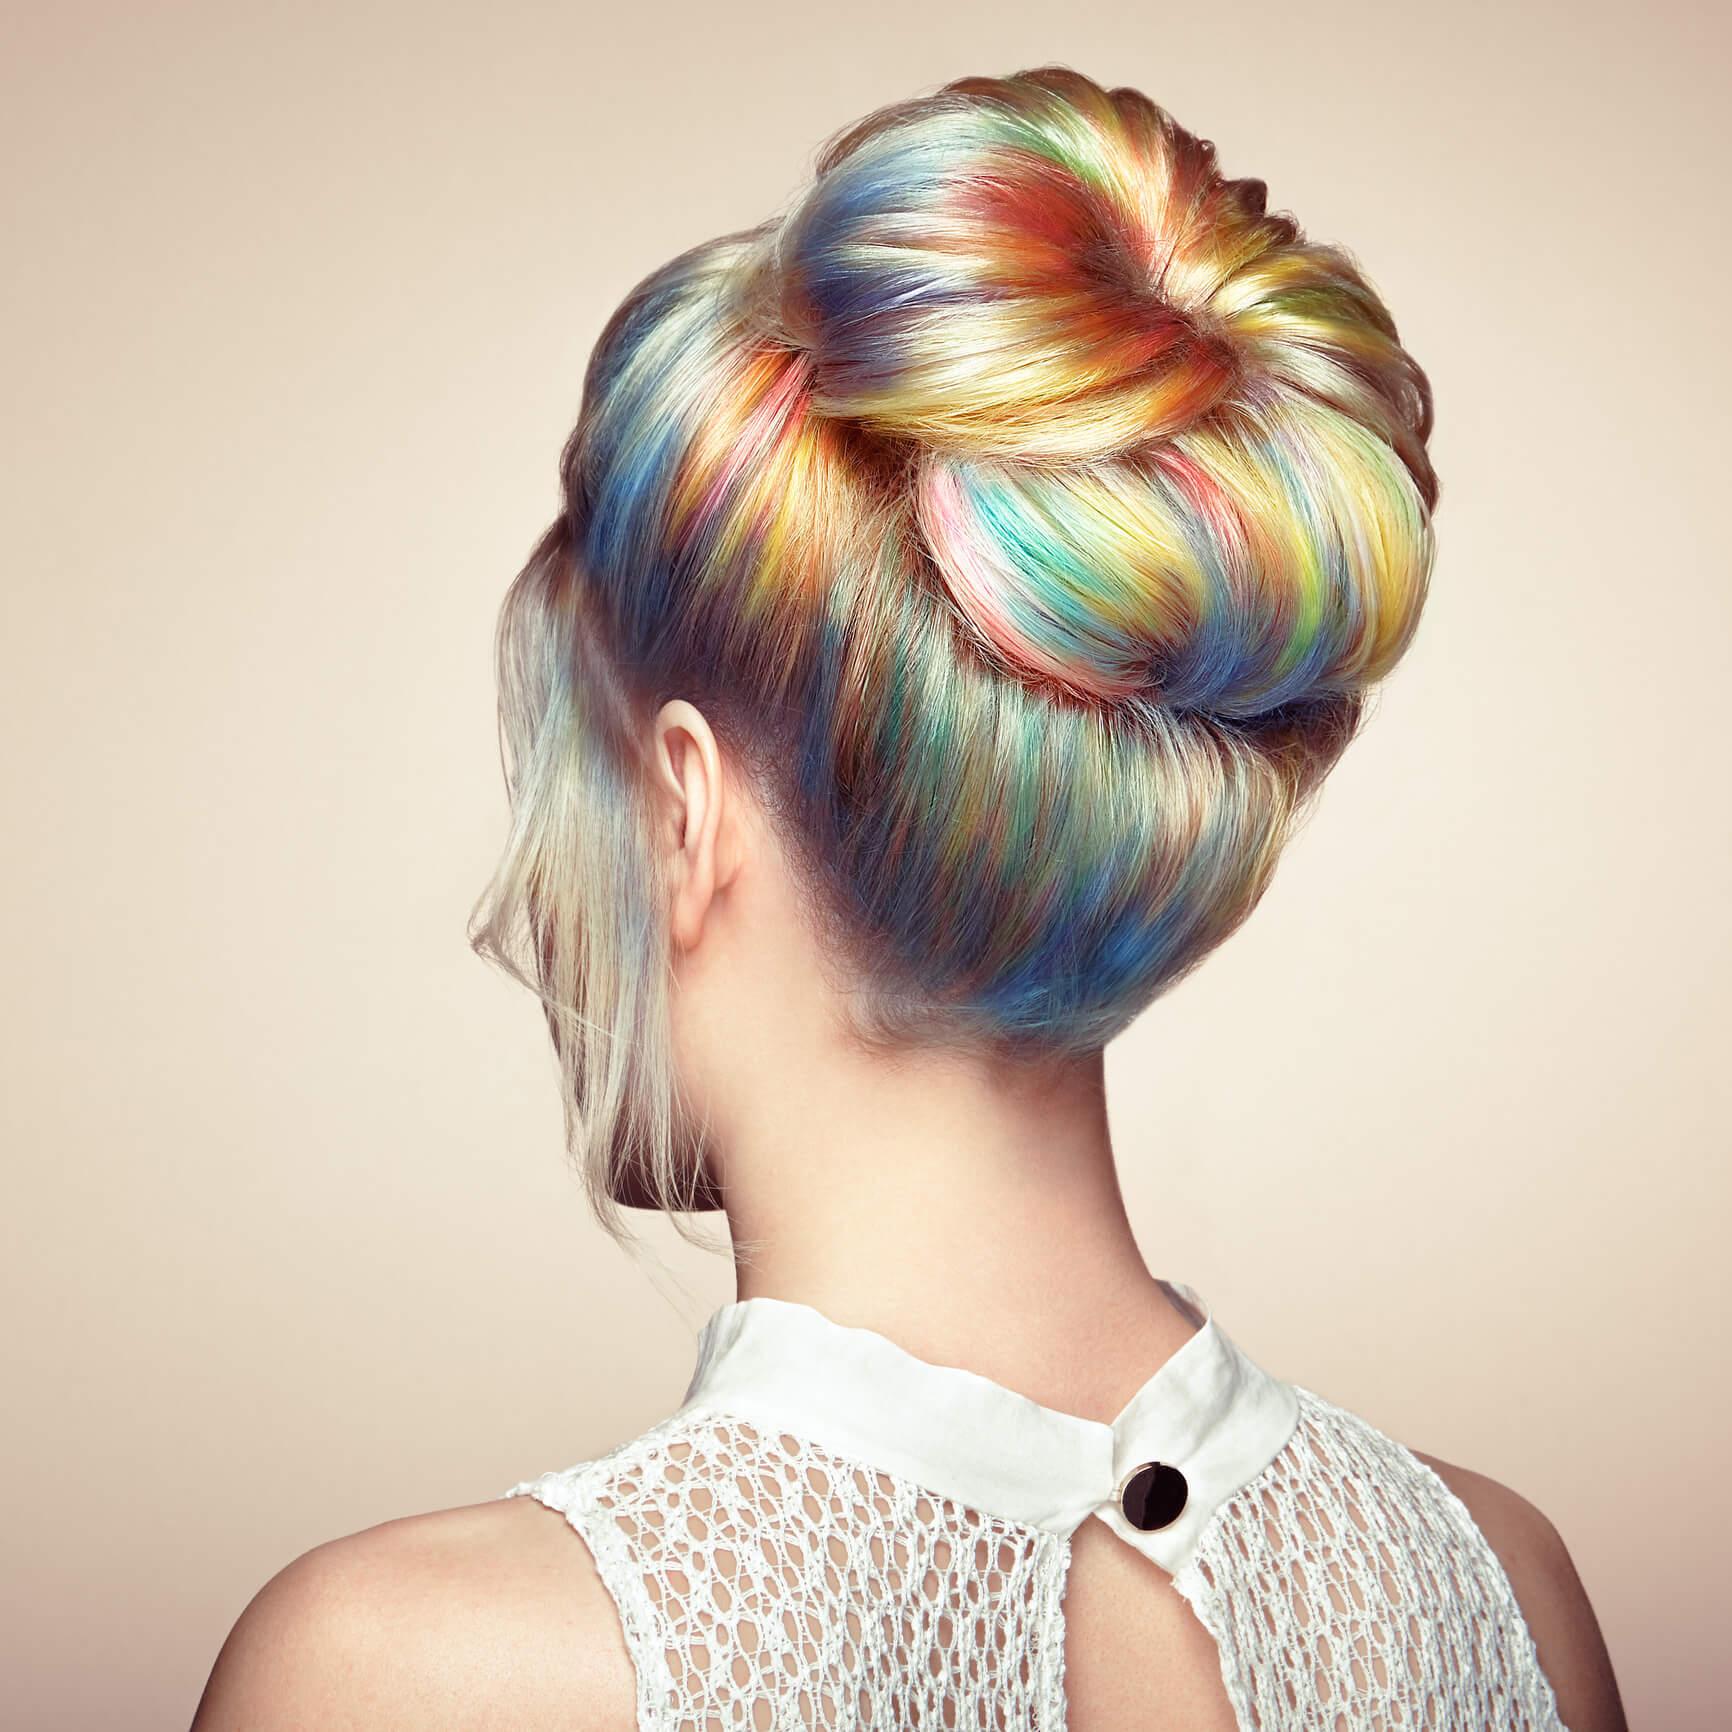 cabello arcoíris balayage